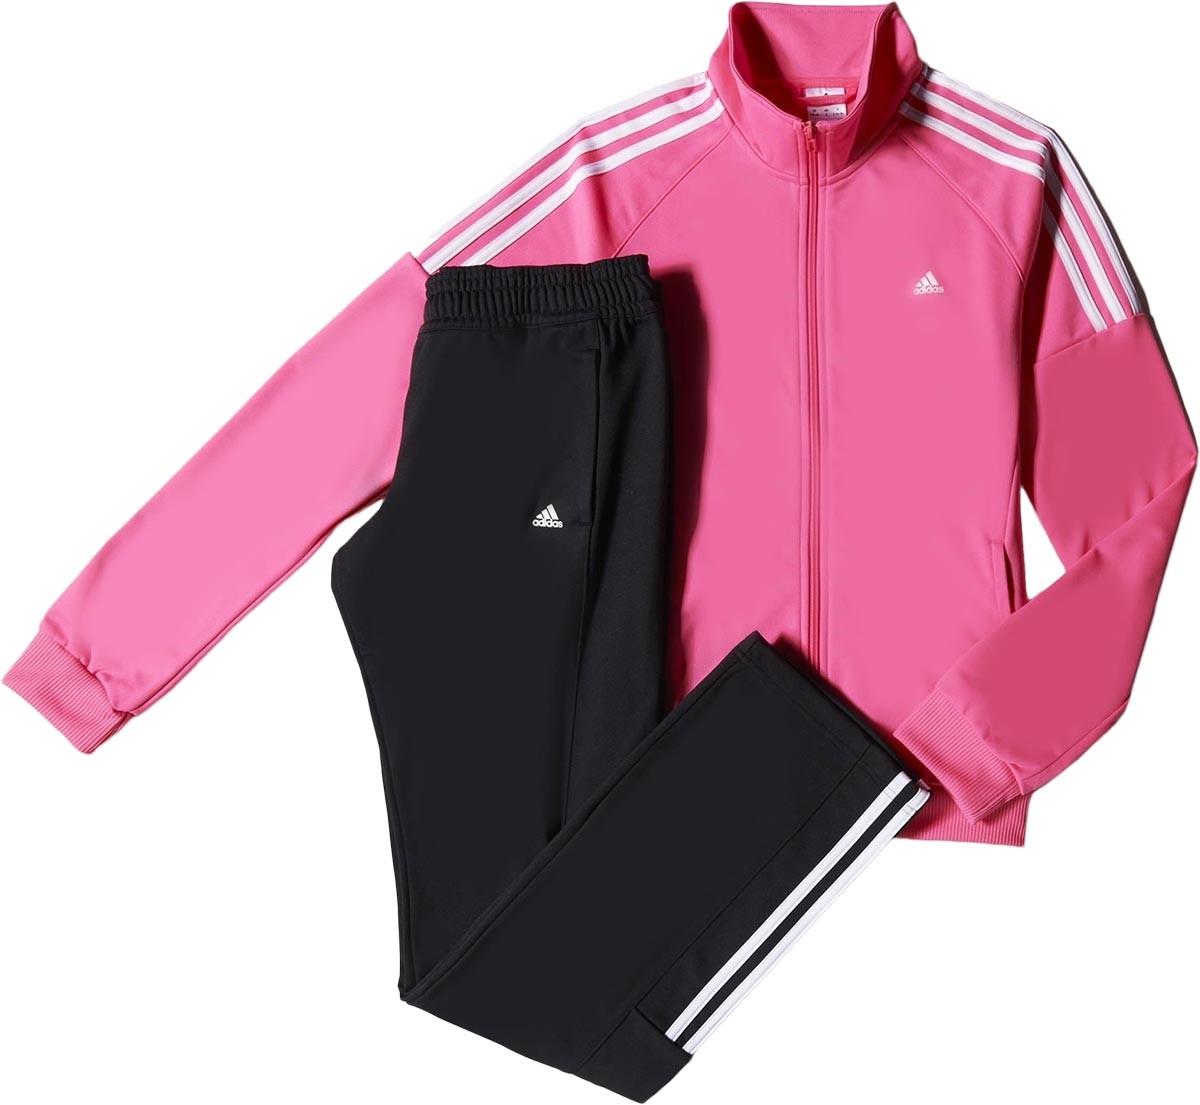 e531cce1534 Bizz Store - Agasalho Feminino Adidas Frieda Knit Rosa Preto